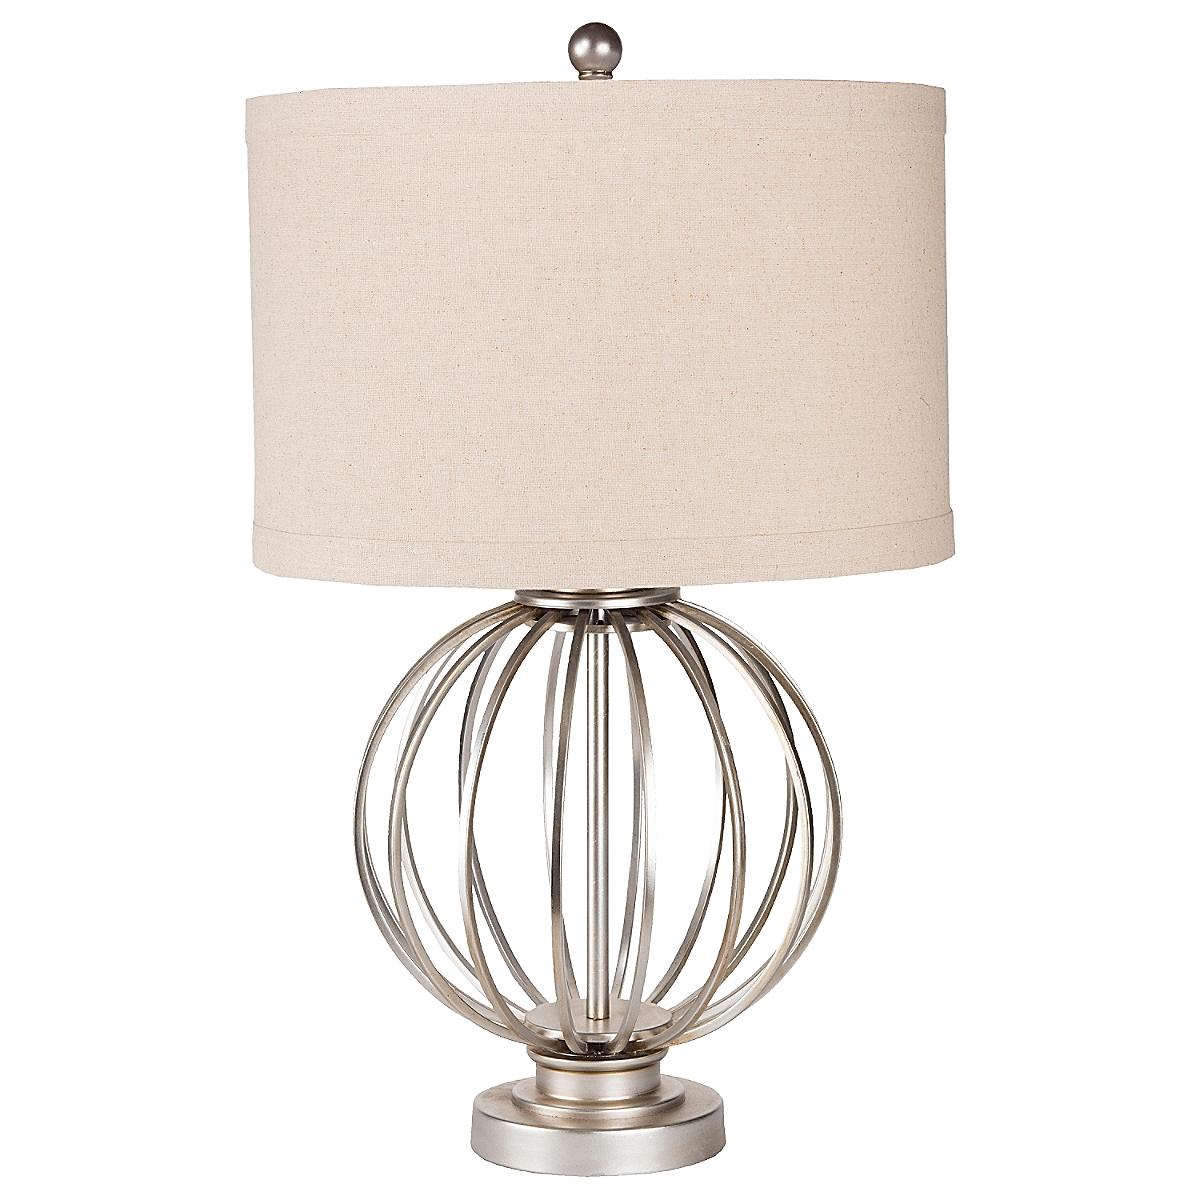 Maribelle Table Lamp